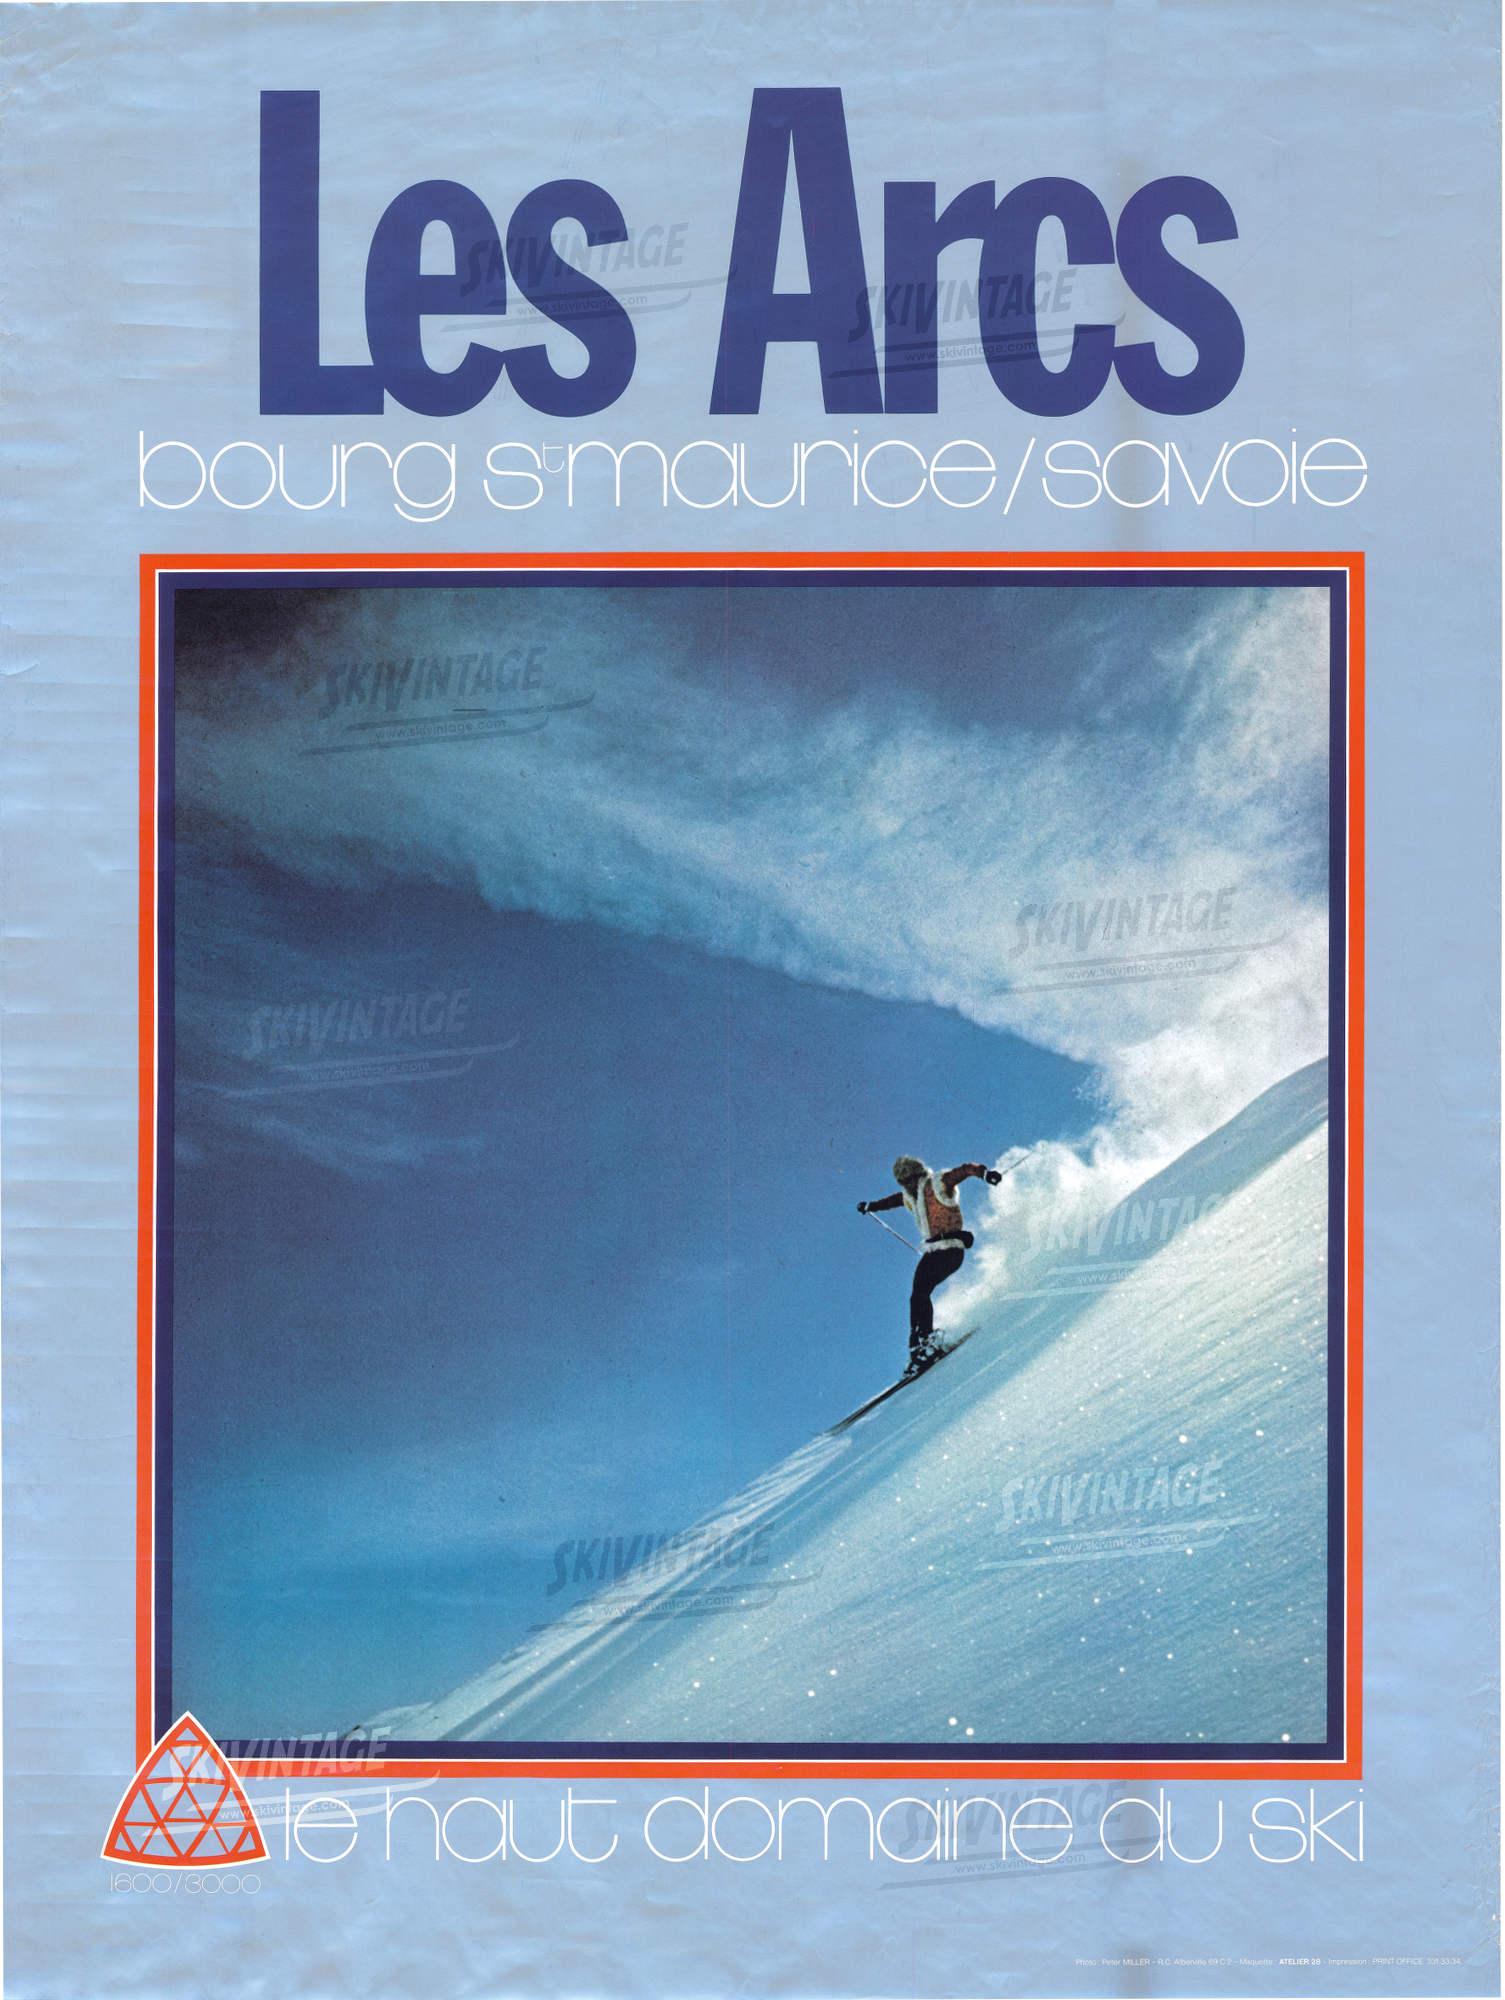 les arcs bourg st maurice savoie 1600 3000 le haut domaine du ski affiche originale ca 1970. Black Bedroom Furniture Sets. Home Design Ideas